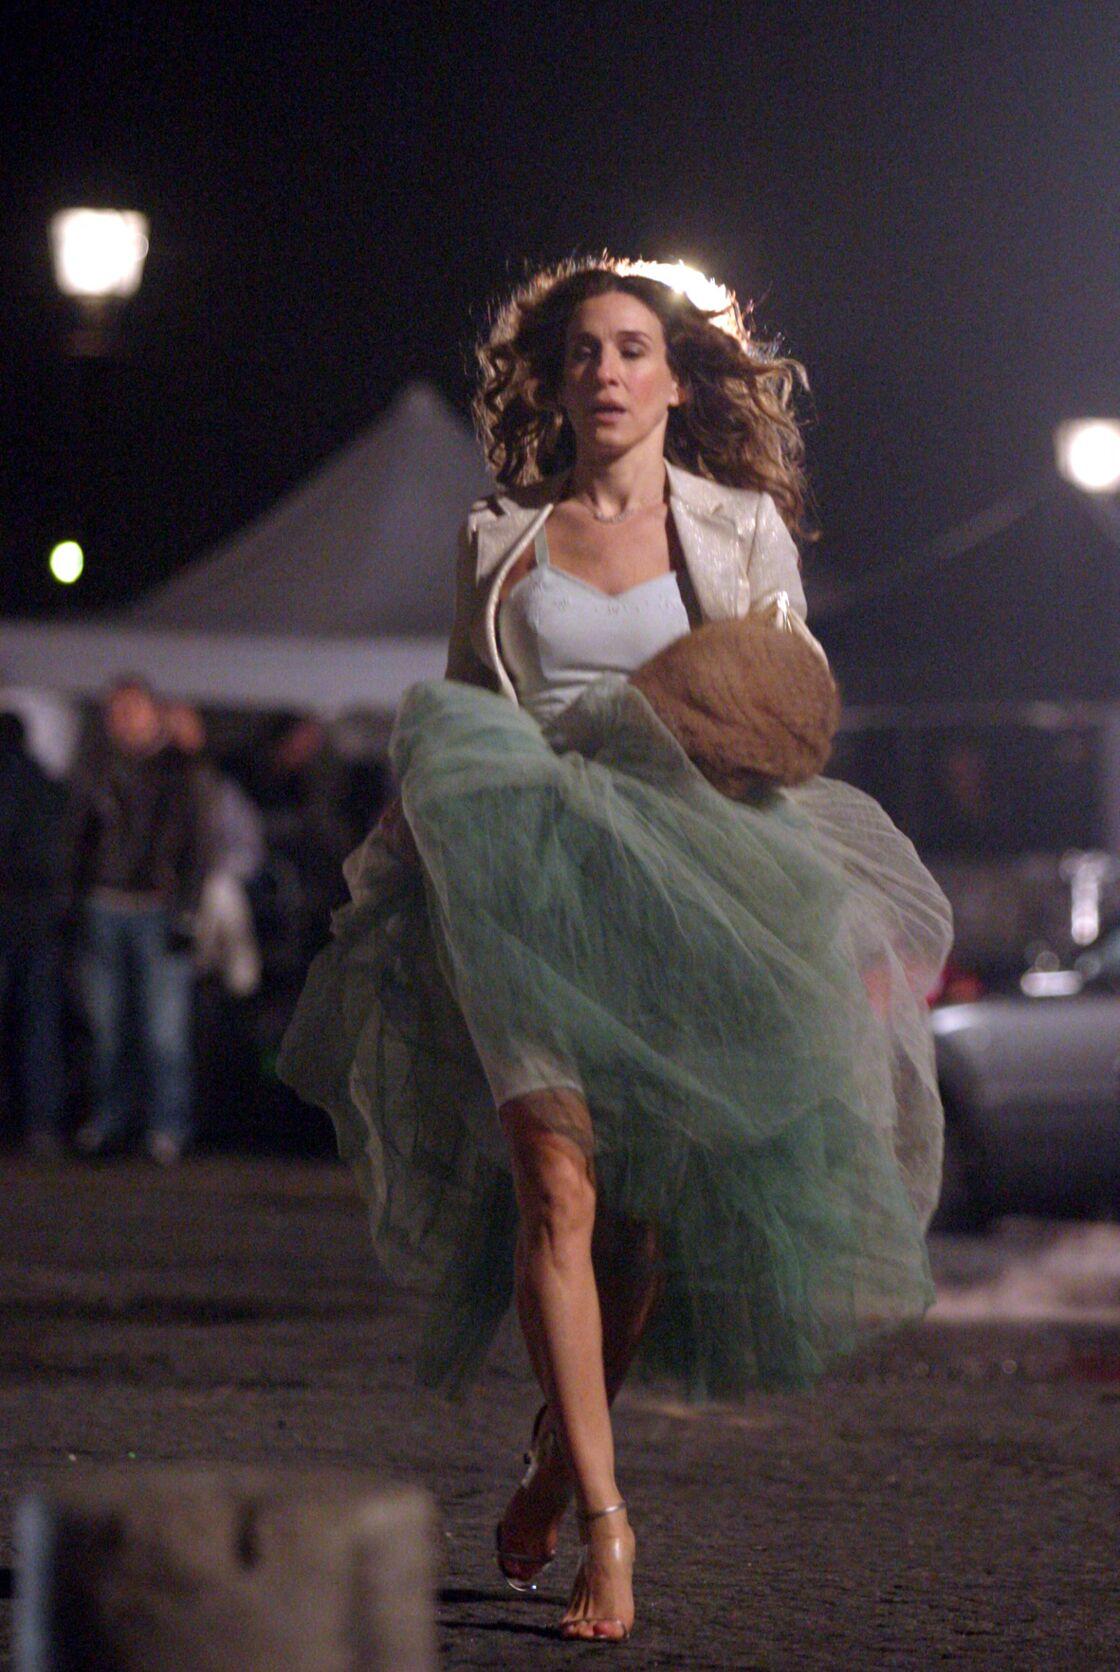 Dans la capitale, la férue de mode Carrie Bradshaw déambule en robe à volants et talons de 8cm toujours